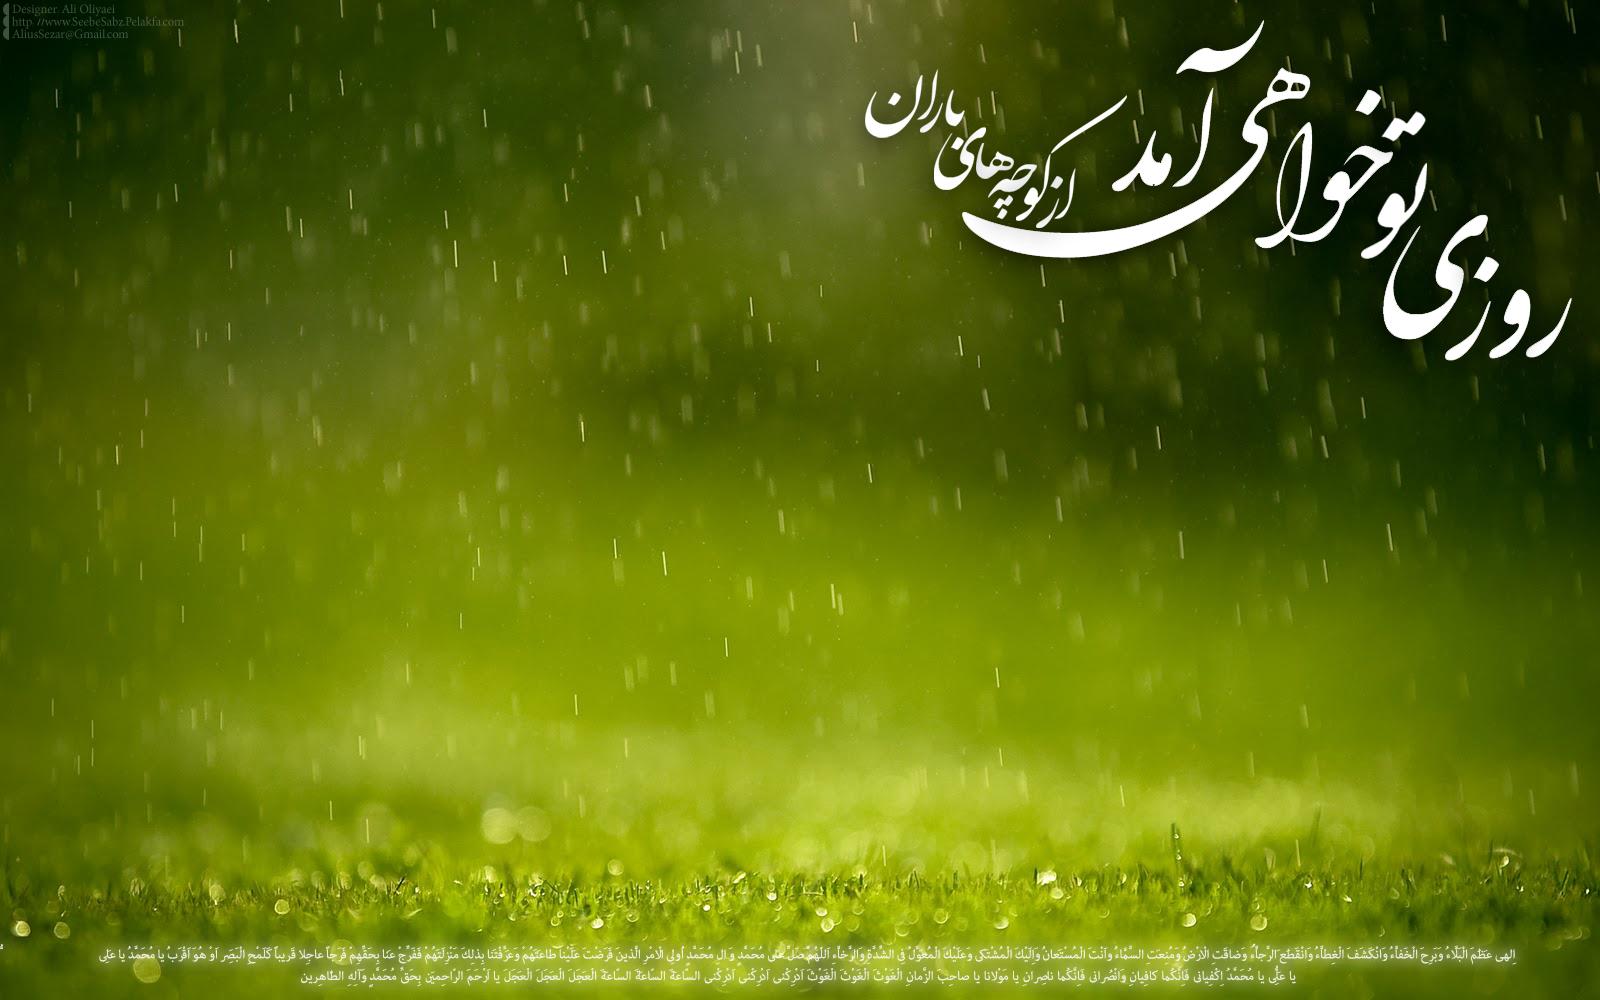 فلسفه غیبت امام زمان(عج)- پایگاه اینترنتی دانستنی در ایران